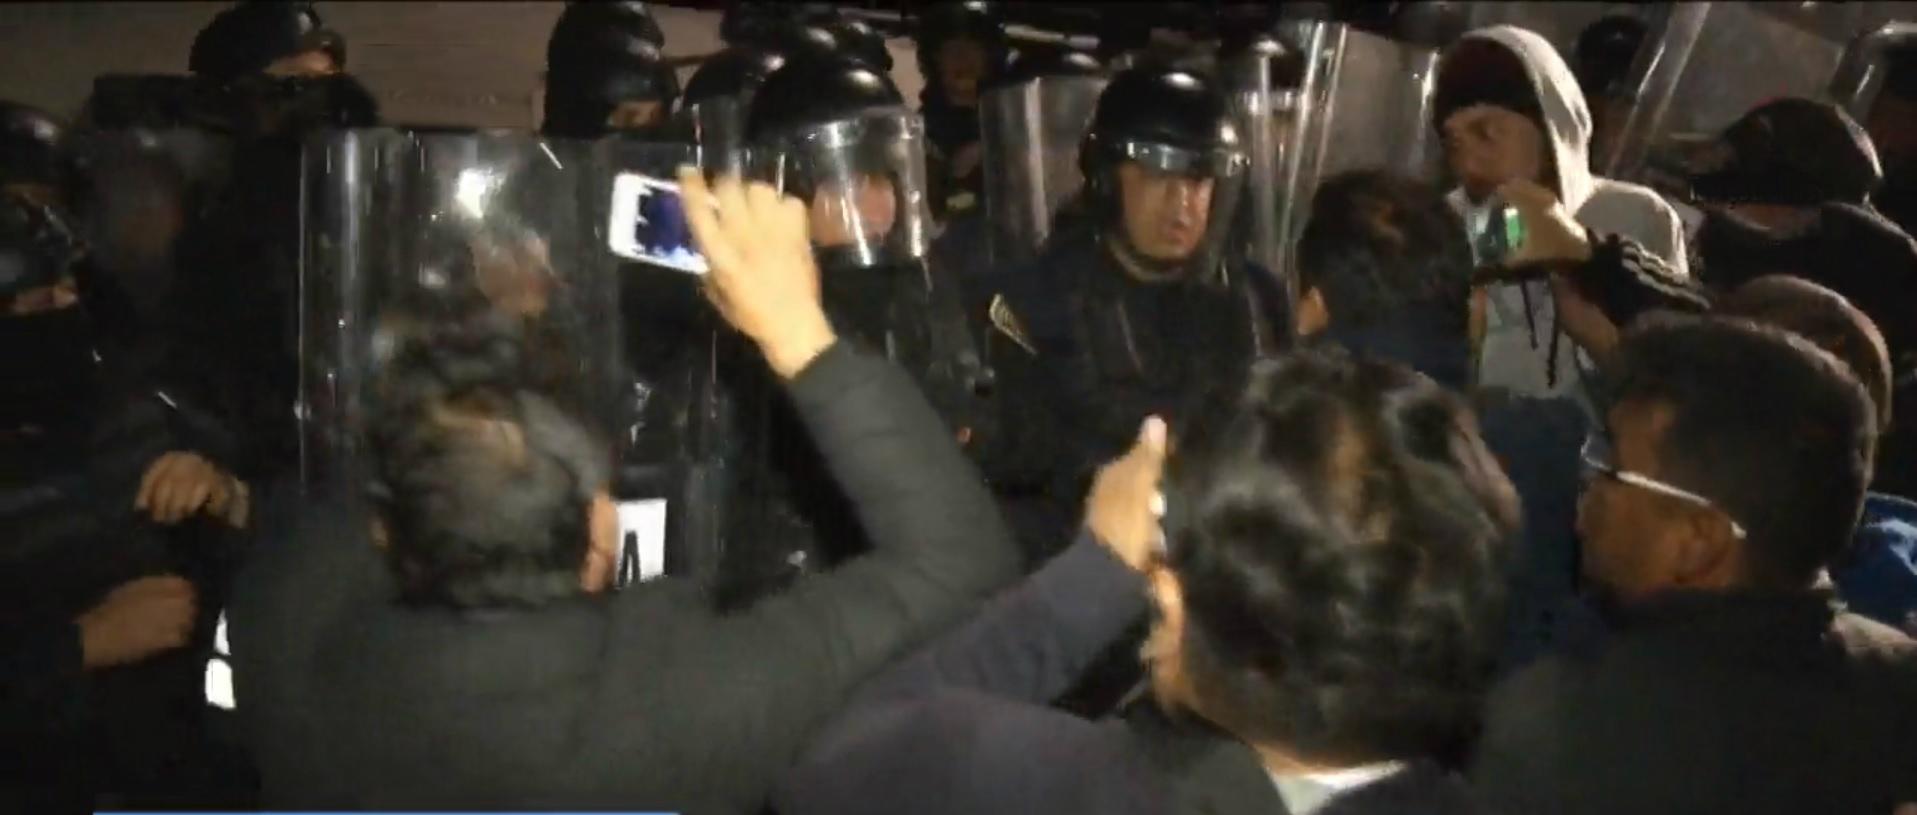 La Villa vuelve a ser escenario de enfrentamientos entre policías y comerciantes